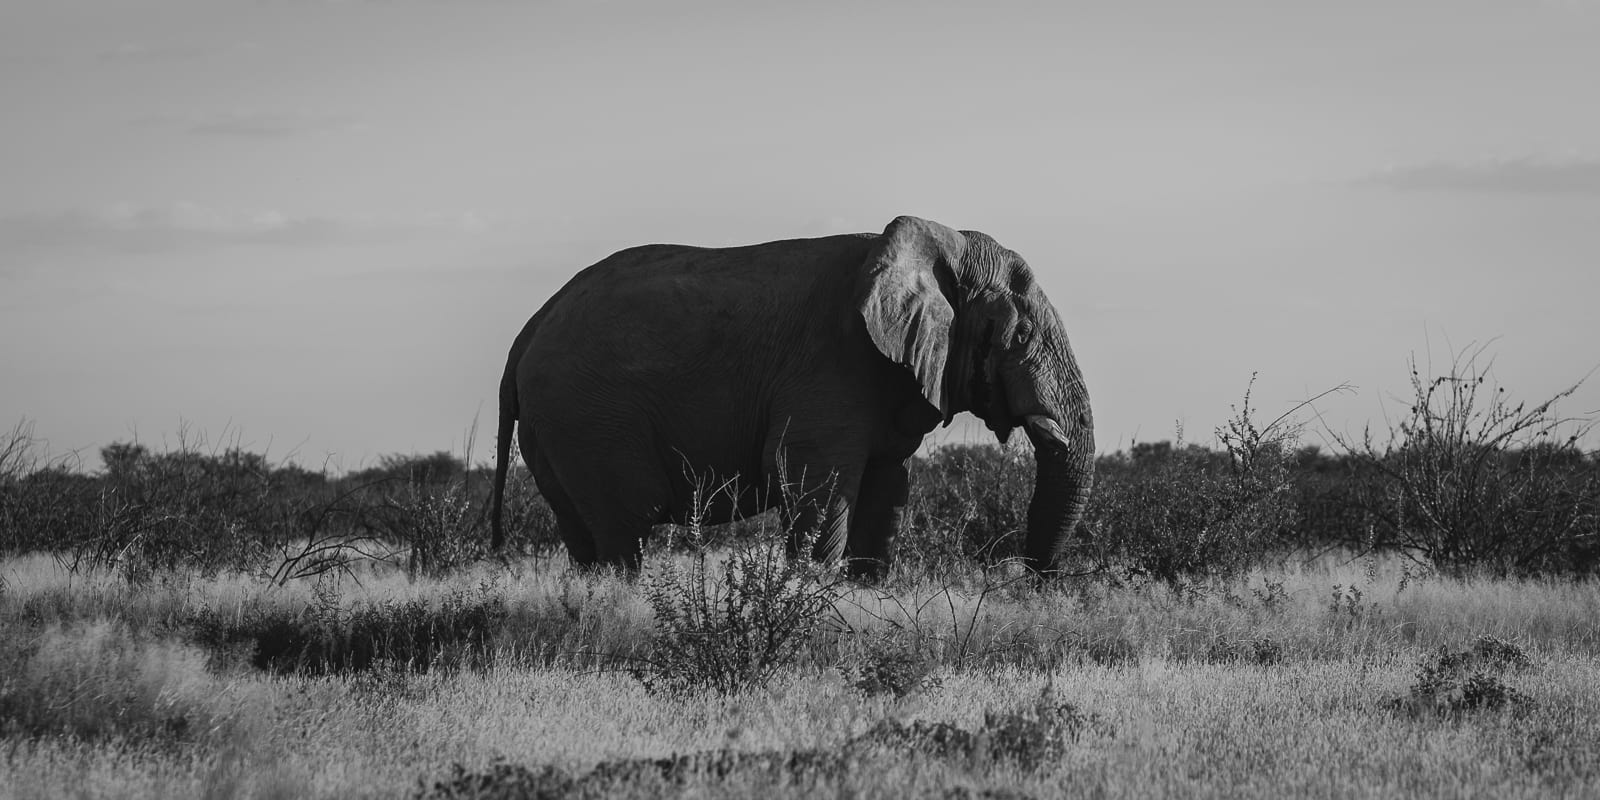 elephant in etosha park namibia